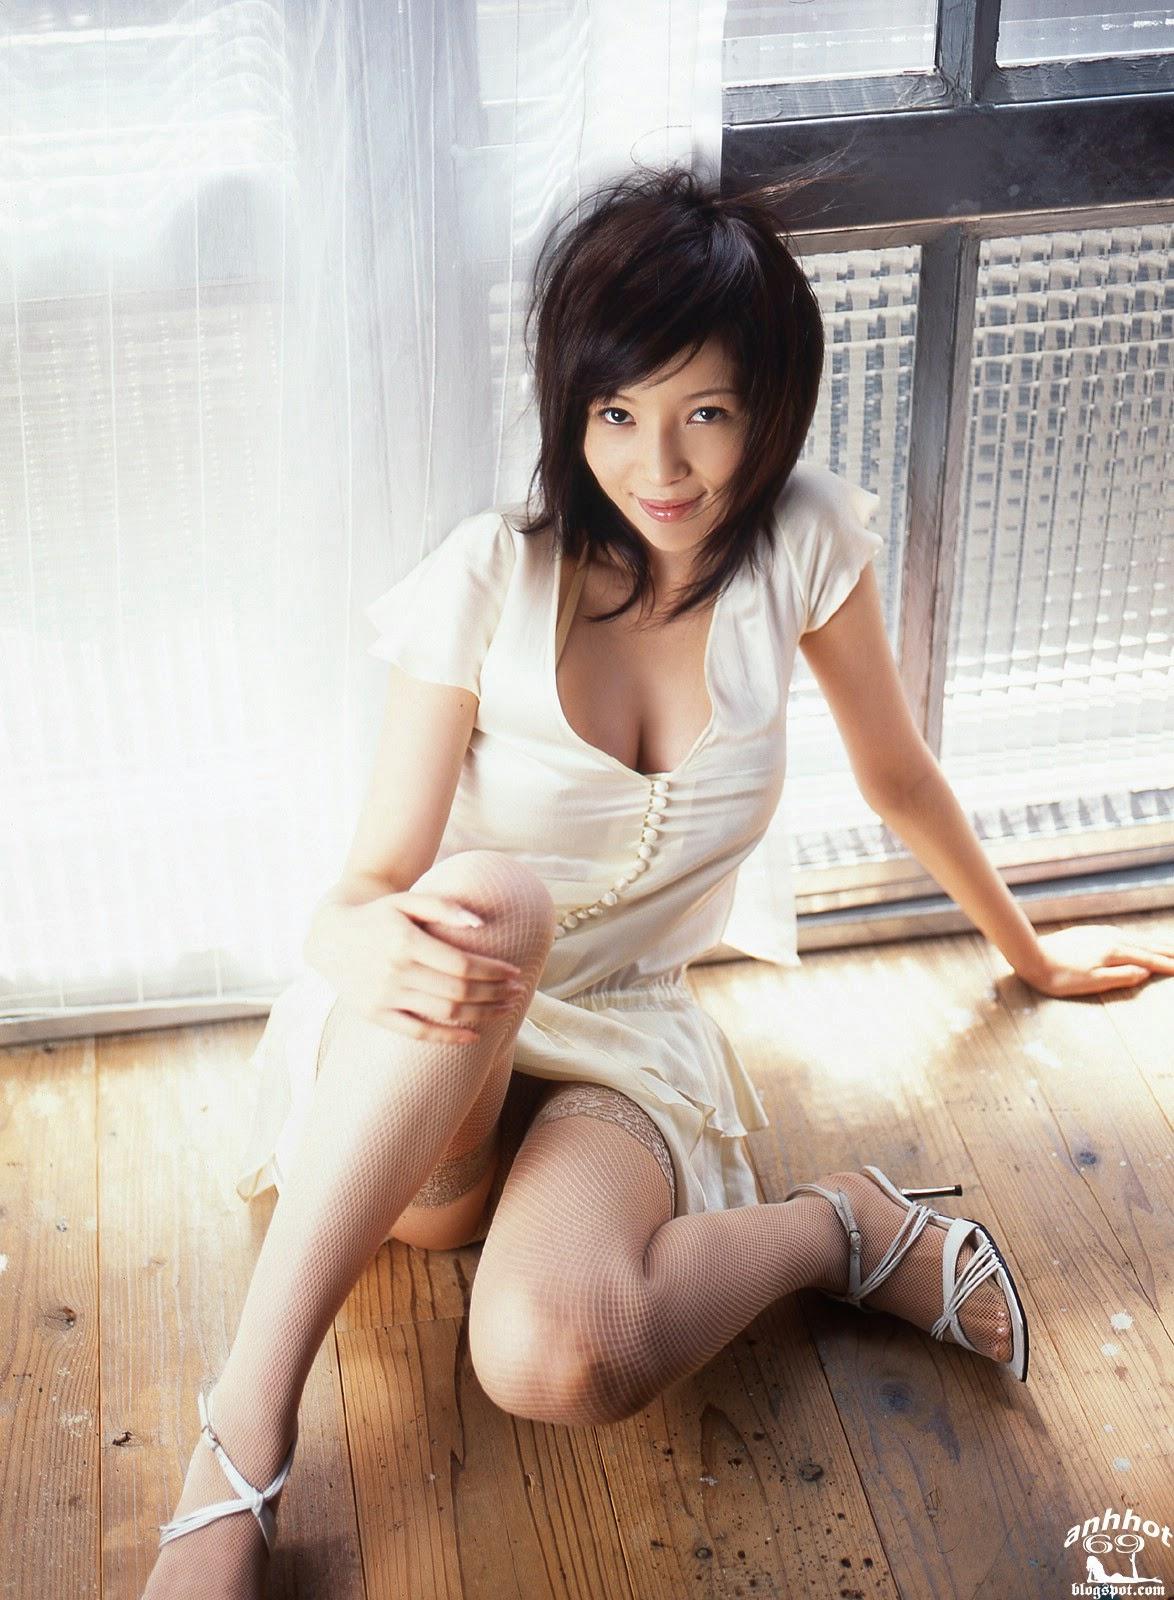 yuuri-morishita-02028950